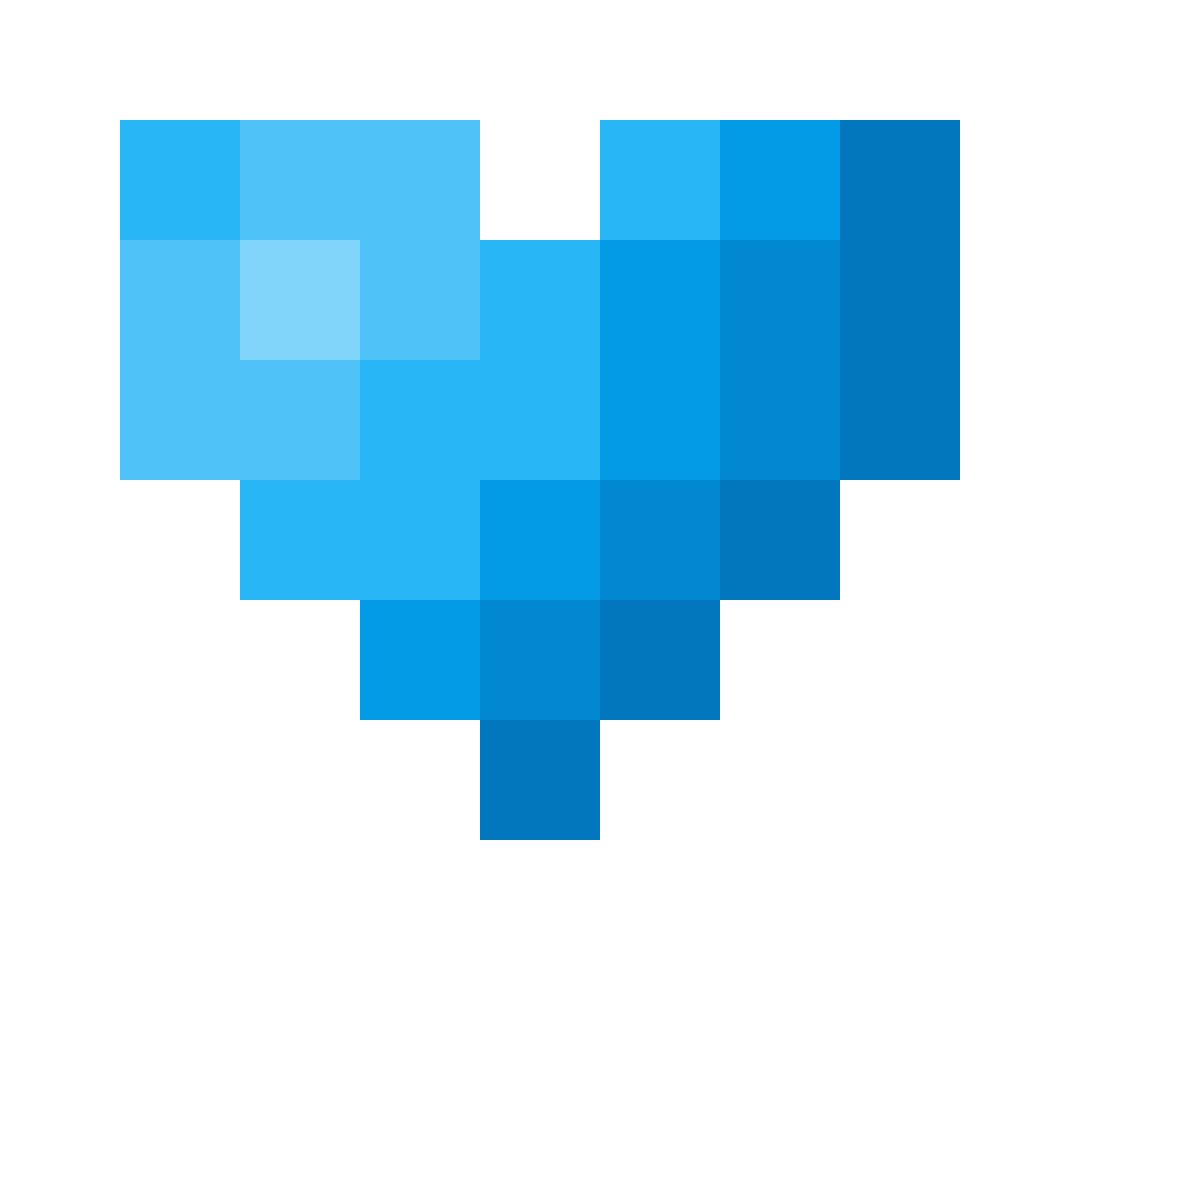 Pixilart - Cool Pixel Art by FetaCheeseBall